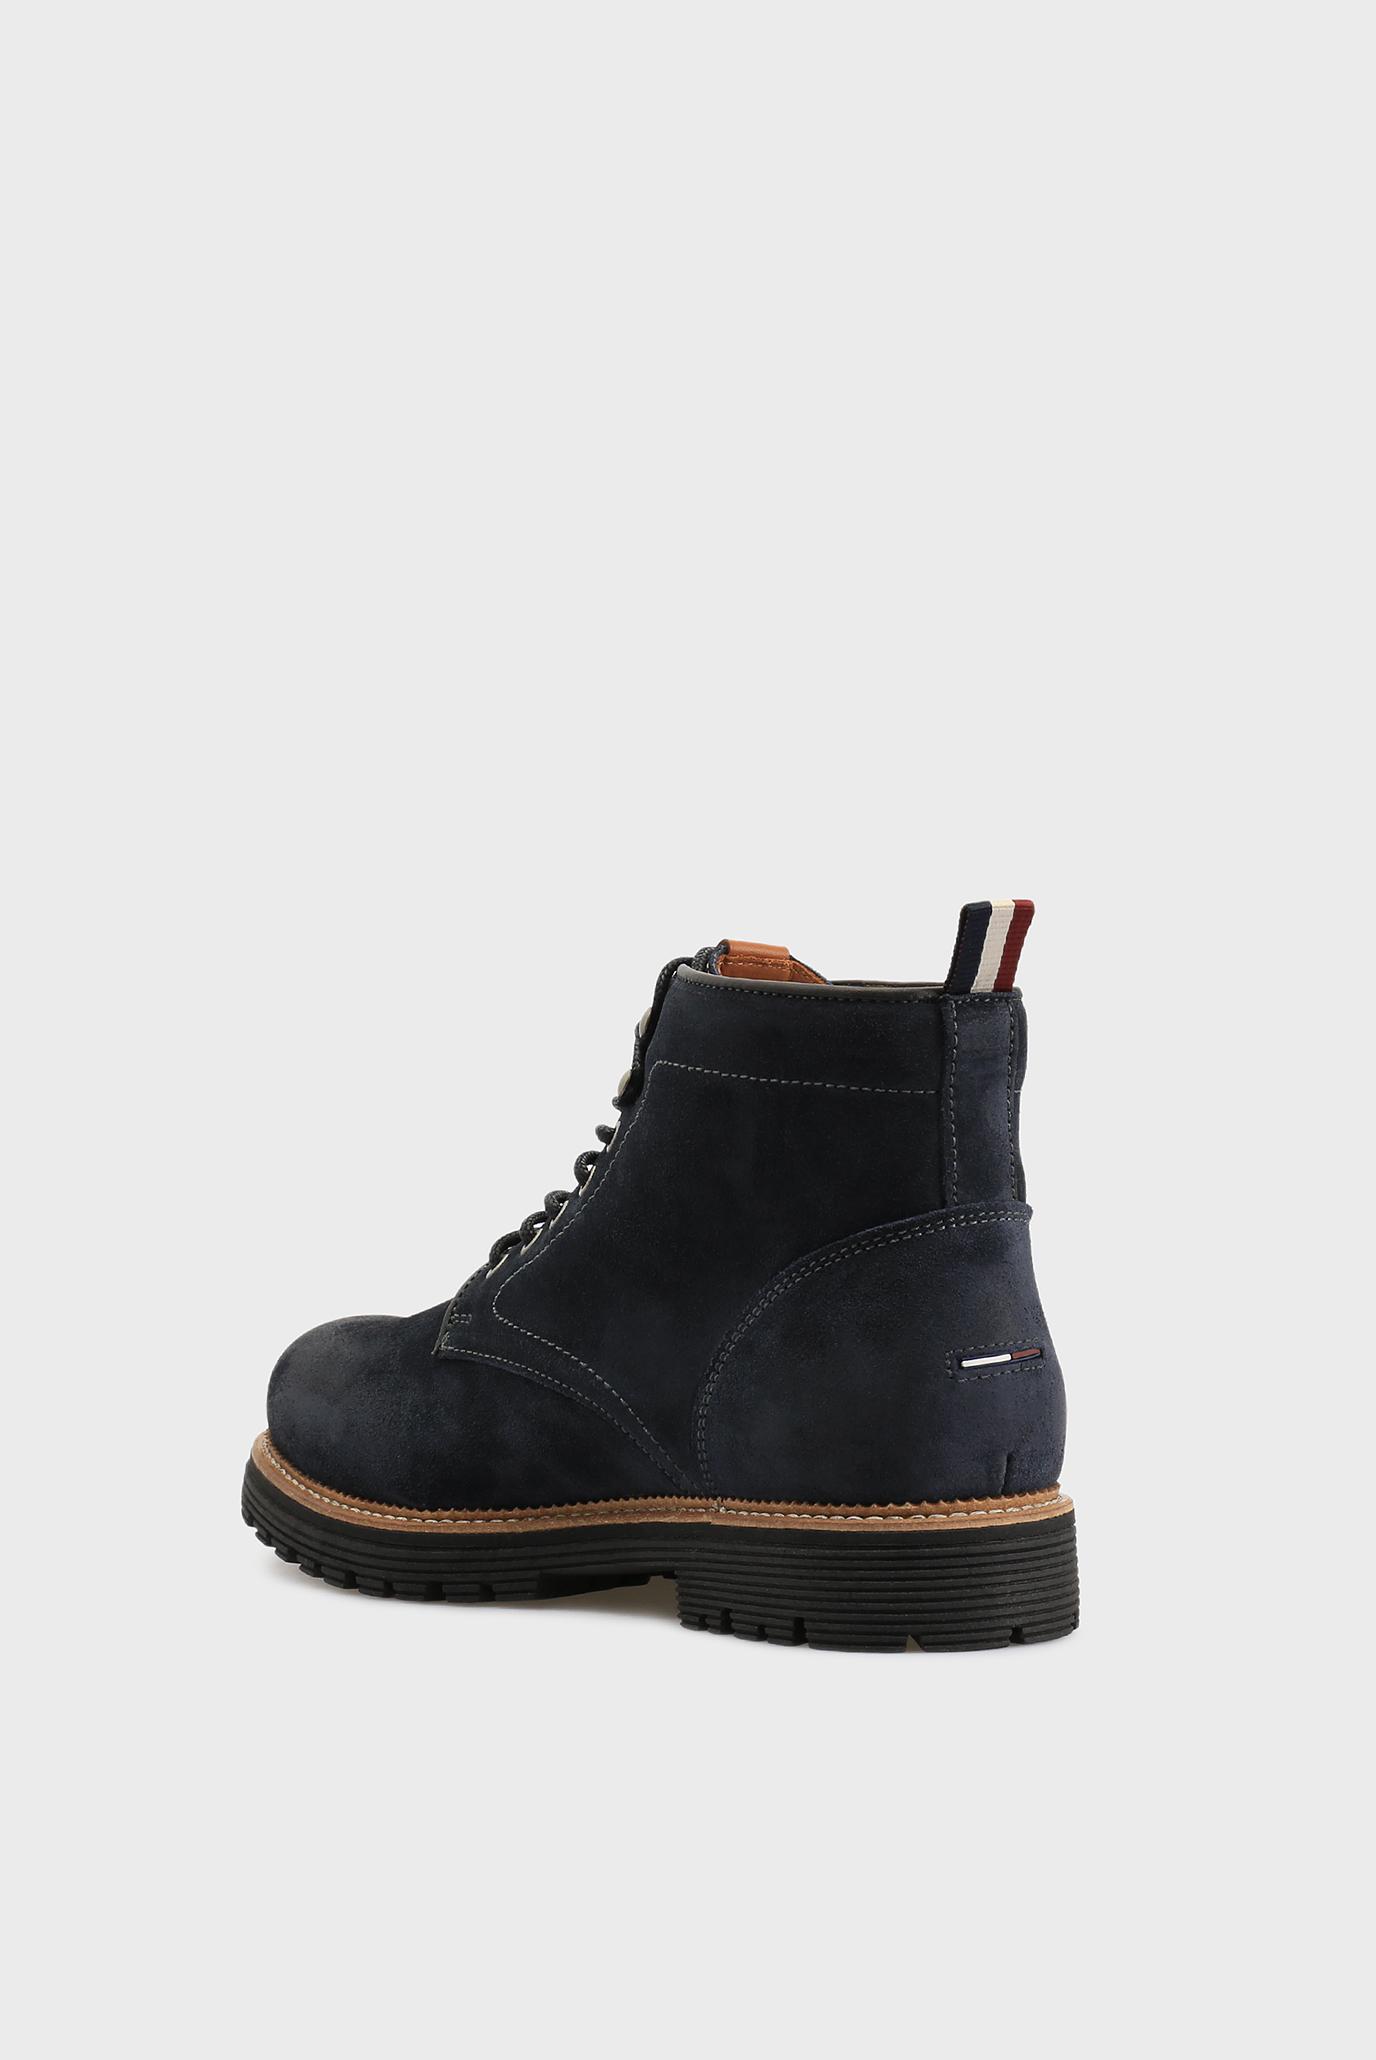 Купить Мужские синие замшевые ботинки Tommy Hilfiger Tommy Hilfiger  FM0FM00891 – Киев 01a390afa2bc5